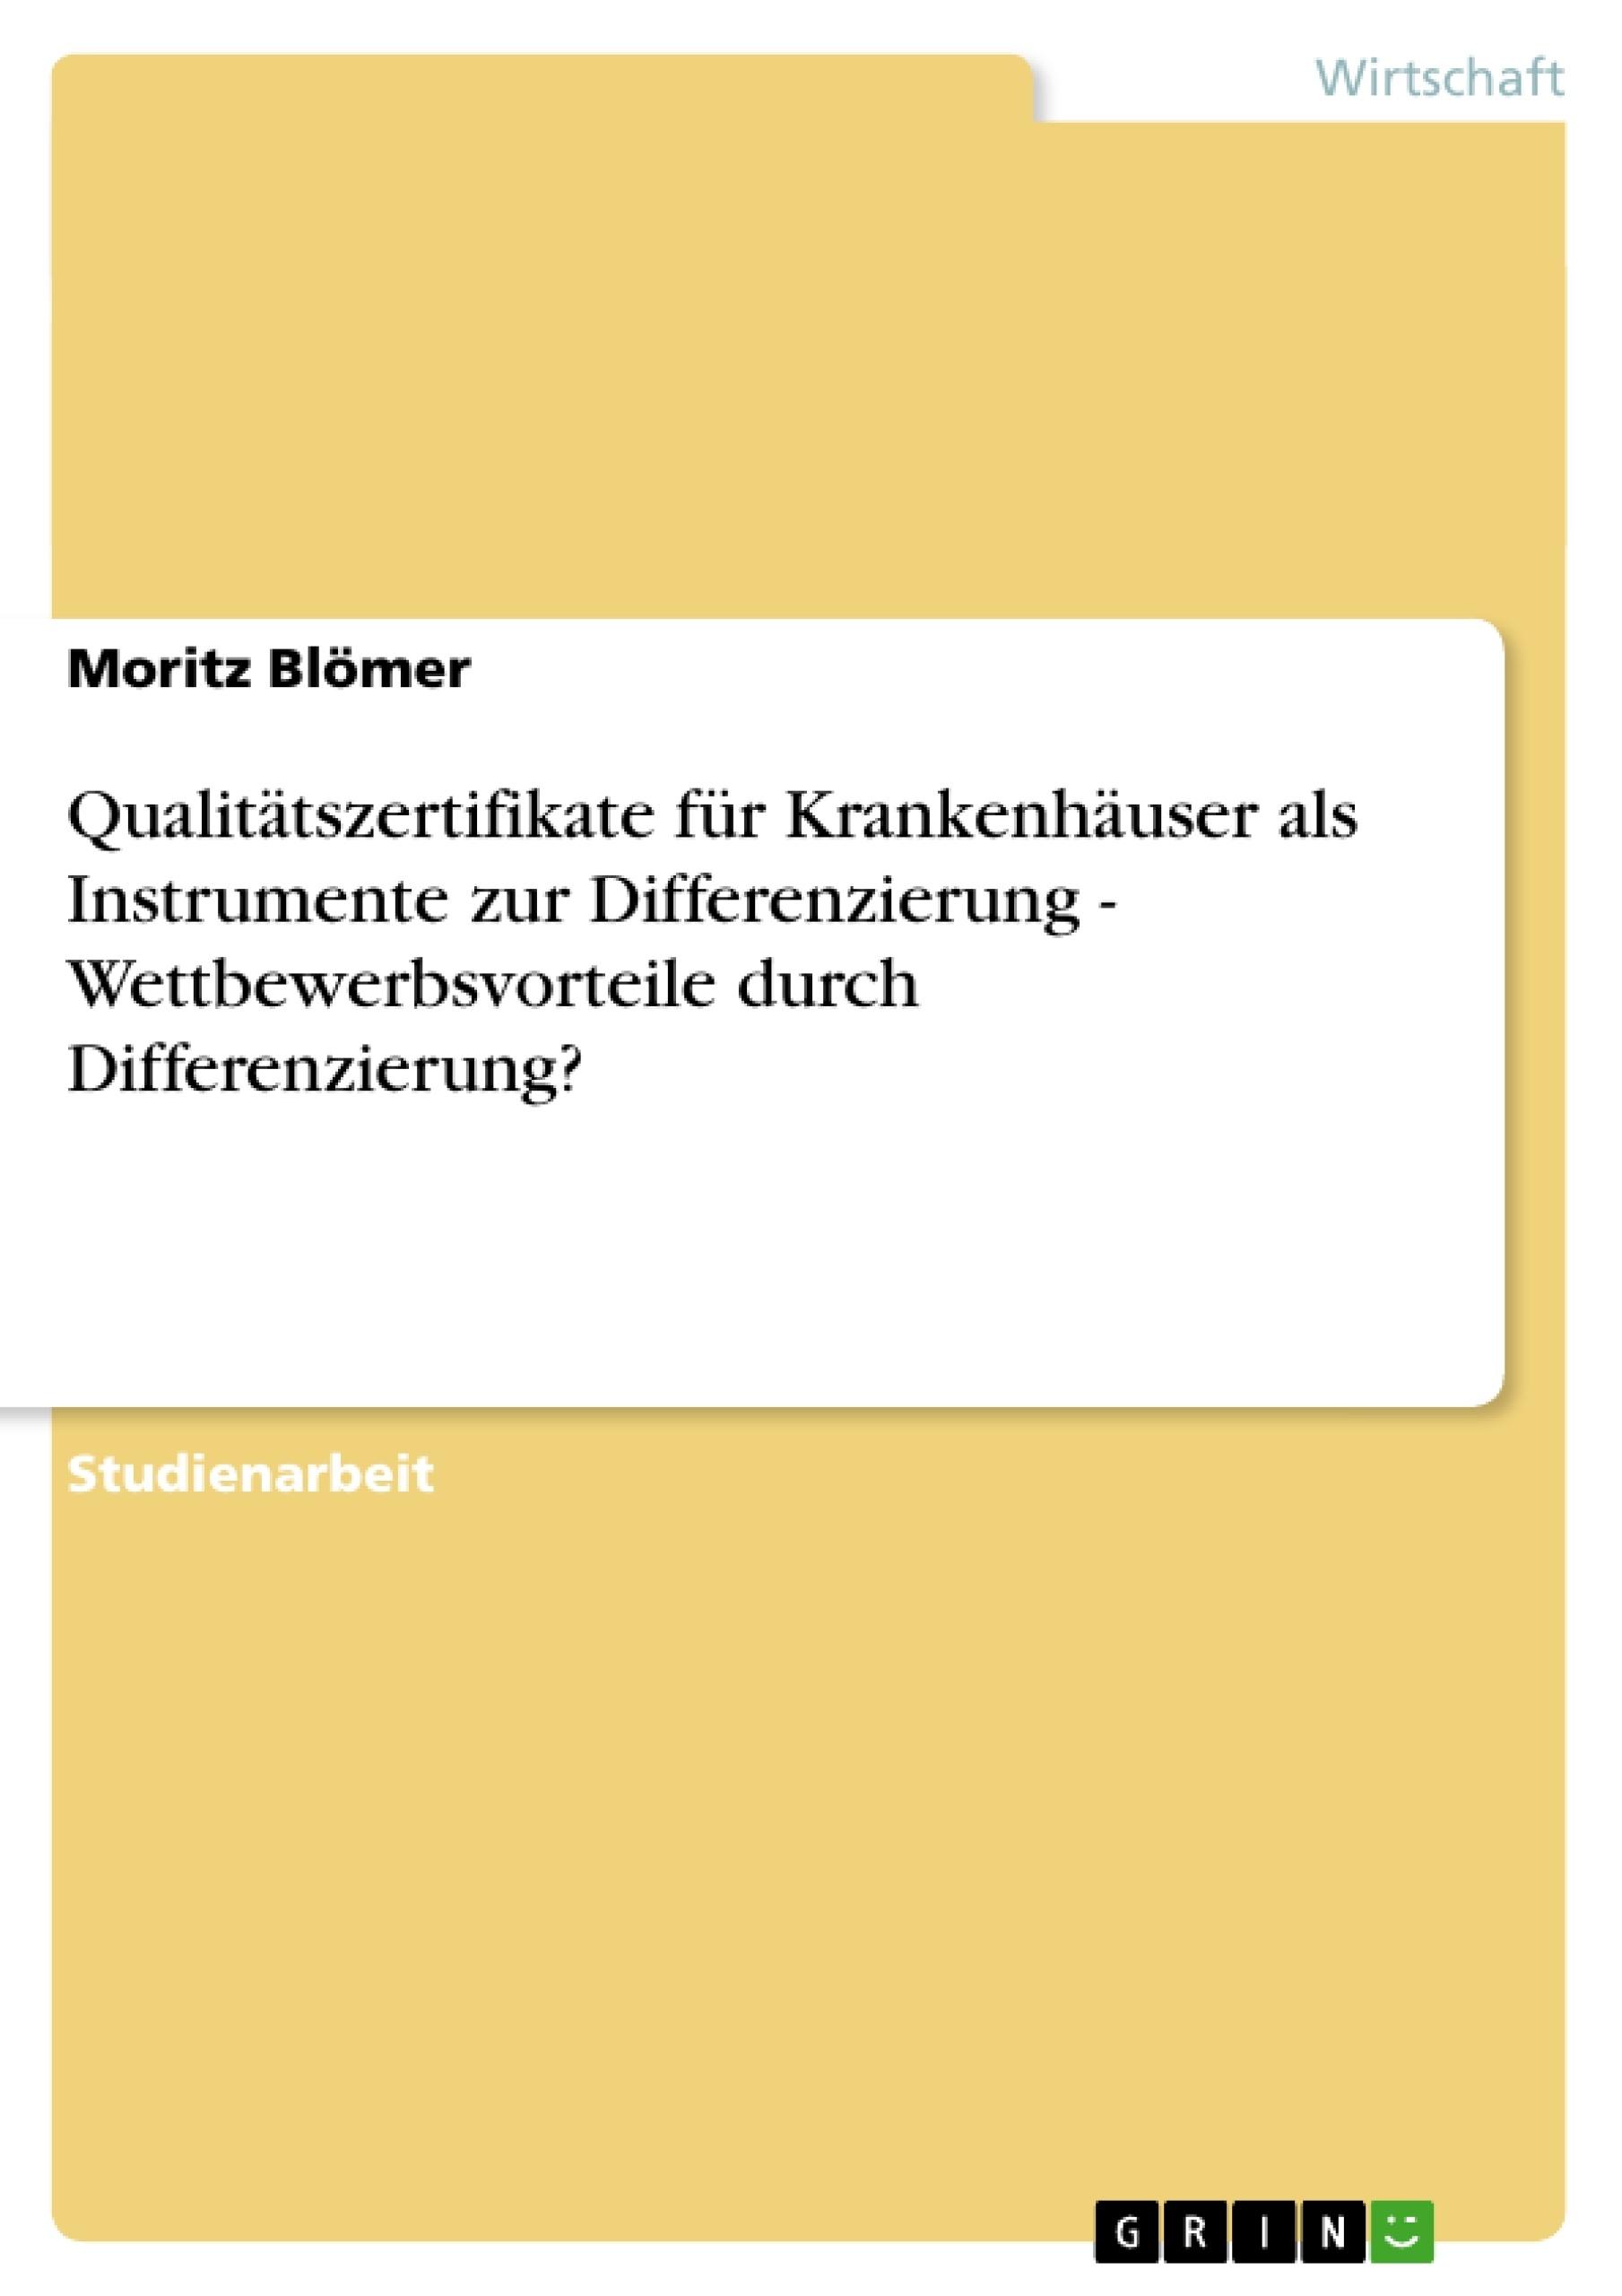 Titel: Qualitätszertifikate für Krankenhäuser als Instrumente zur Differenzierung - Wettbewerbsvorteile durch Differenzierung?